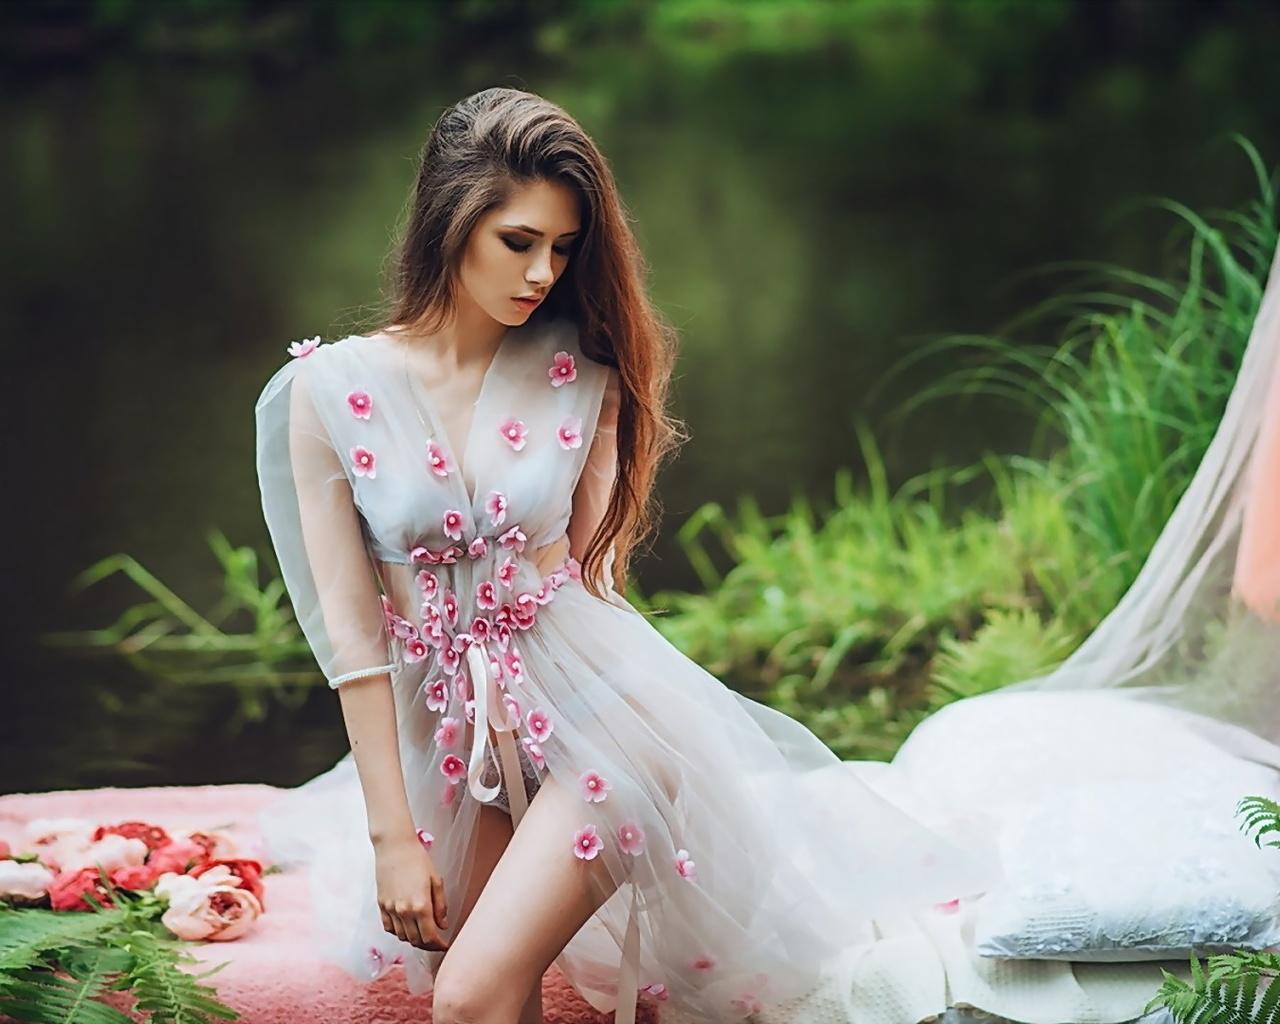 зелень, трава, взгляд, поза, пруд, фон, модель, портрет, макияж, платье, прическа, шатенка, красотка, в белом, боке, sonya